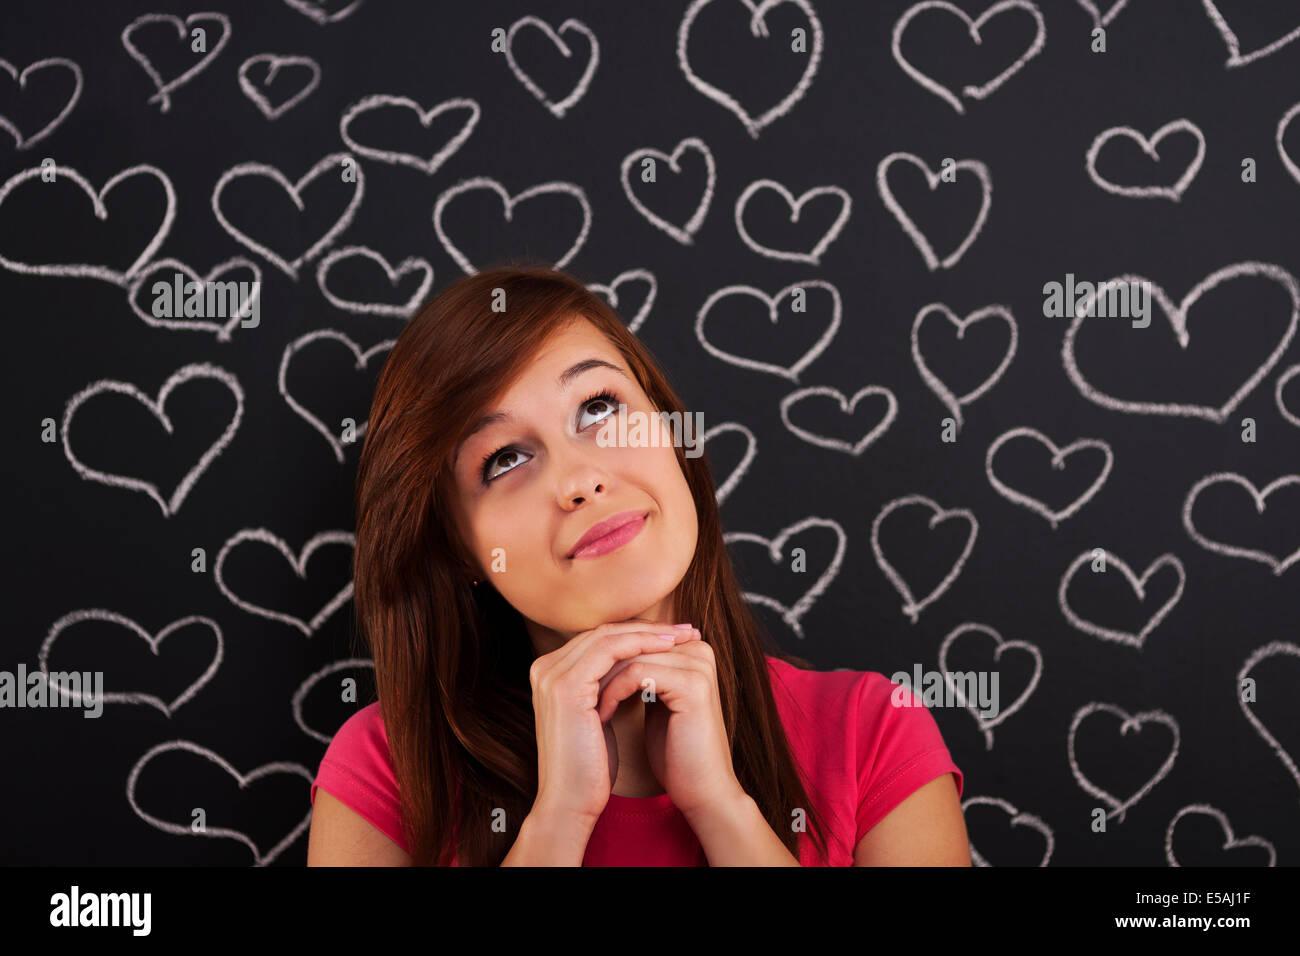 Jusqu'à la femme d'amour avec des cœurs dessinés sur tableau noir, Debica, Pologne Photo Stock